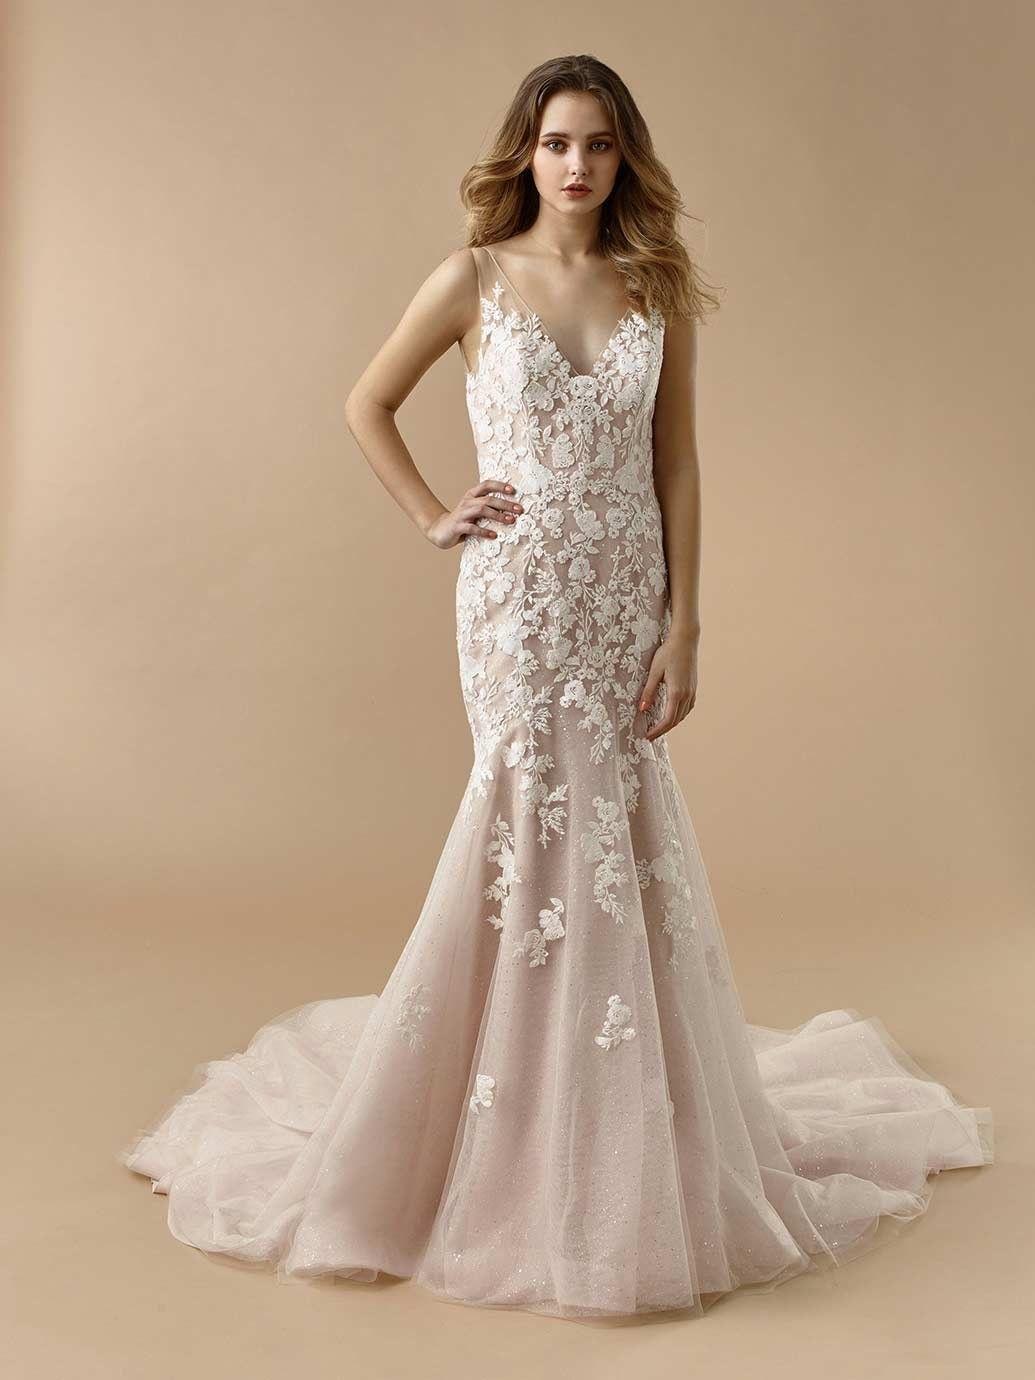 Hochzeitskleider - Bilder-Galerie und Brautkleider-Trends  Neue